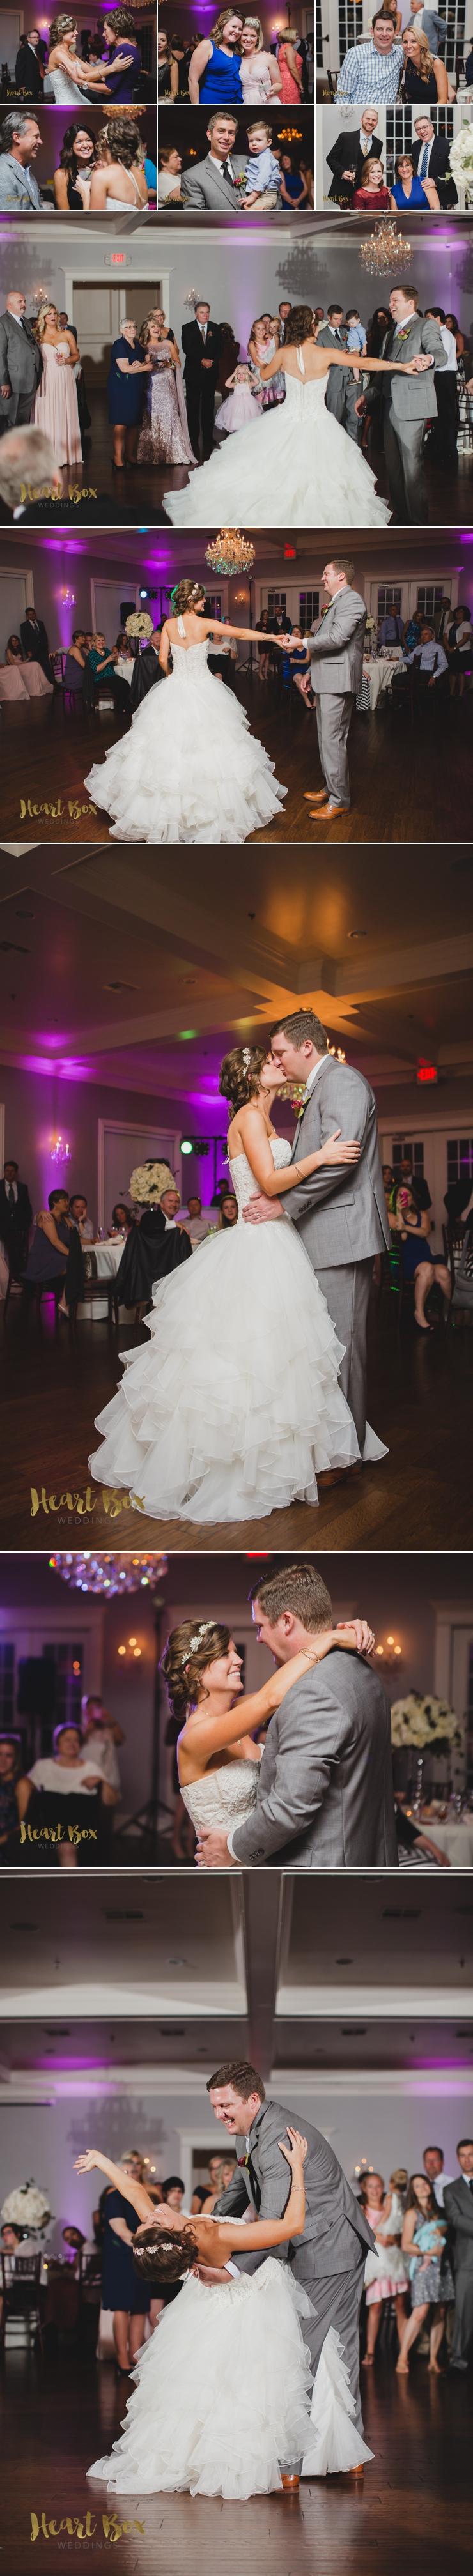 Wishon Wedding Blog Collages 17.jpg